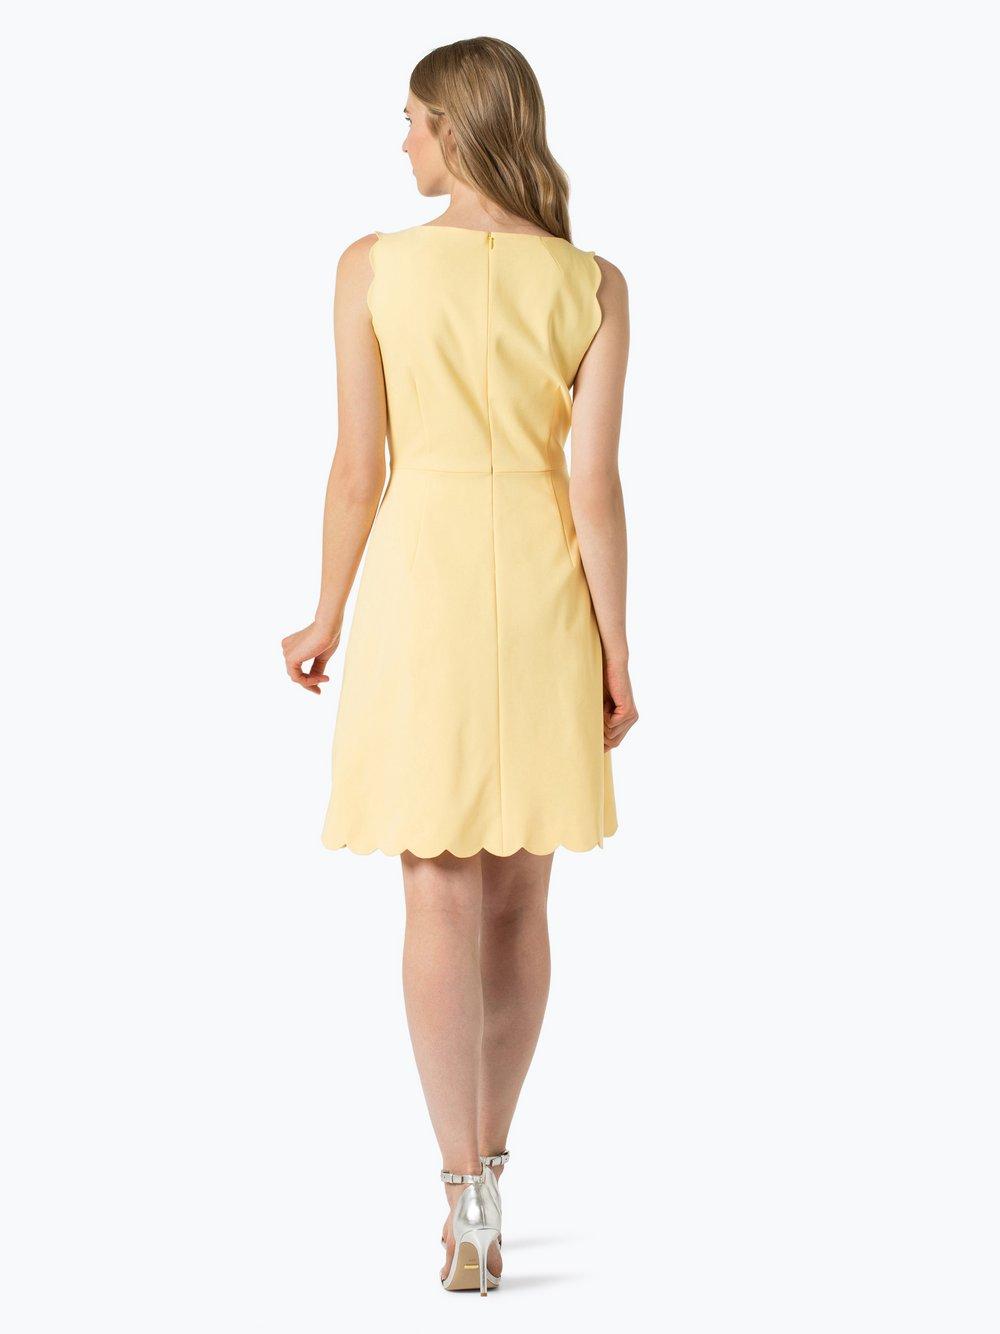 Outlet Steckdose Comma Preise Zahlen Besten Gelb Kleid Liefern Damen F3Tcl1KJ